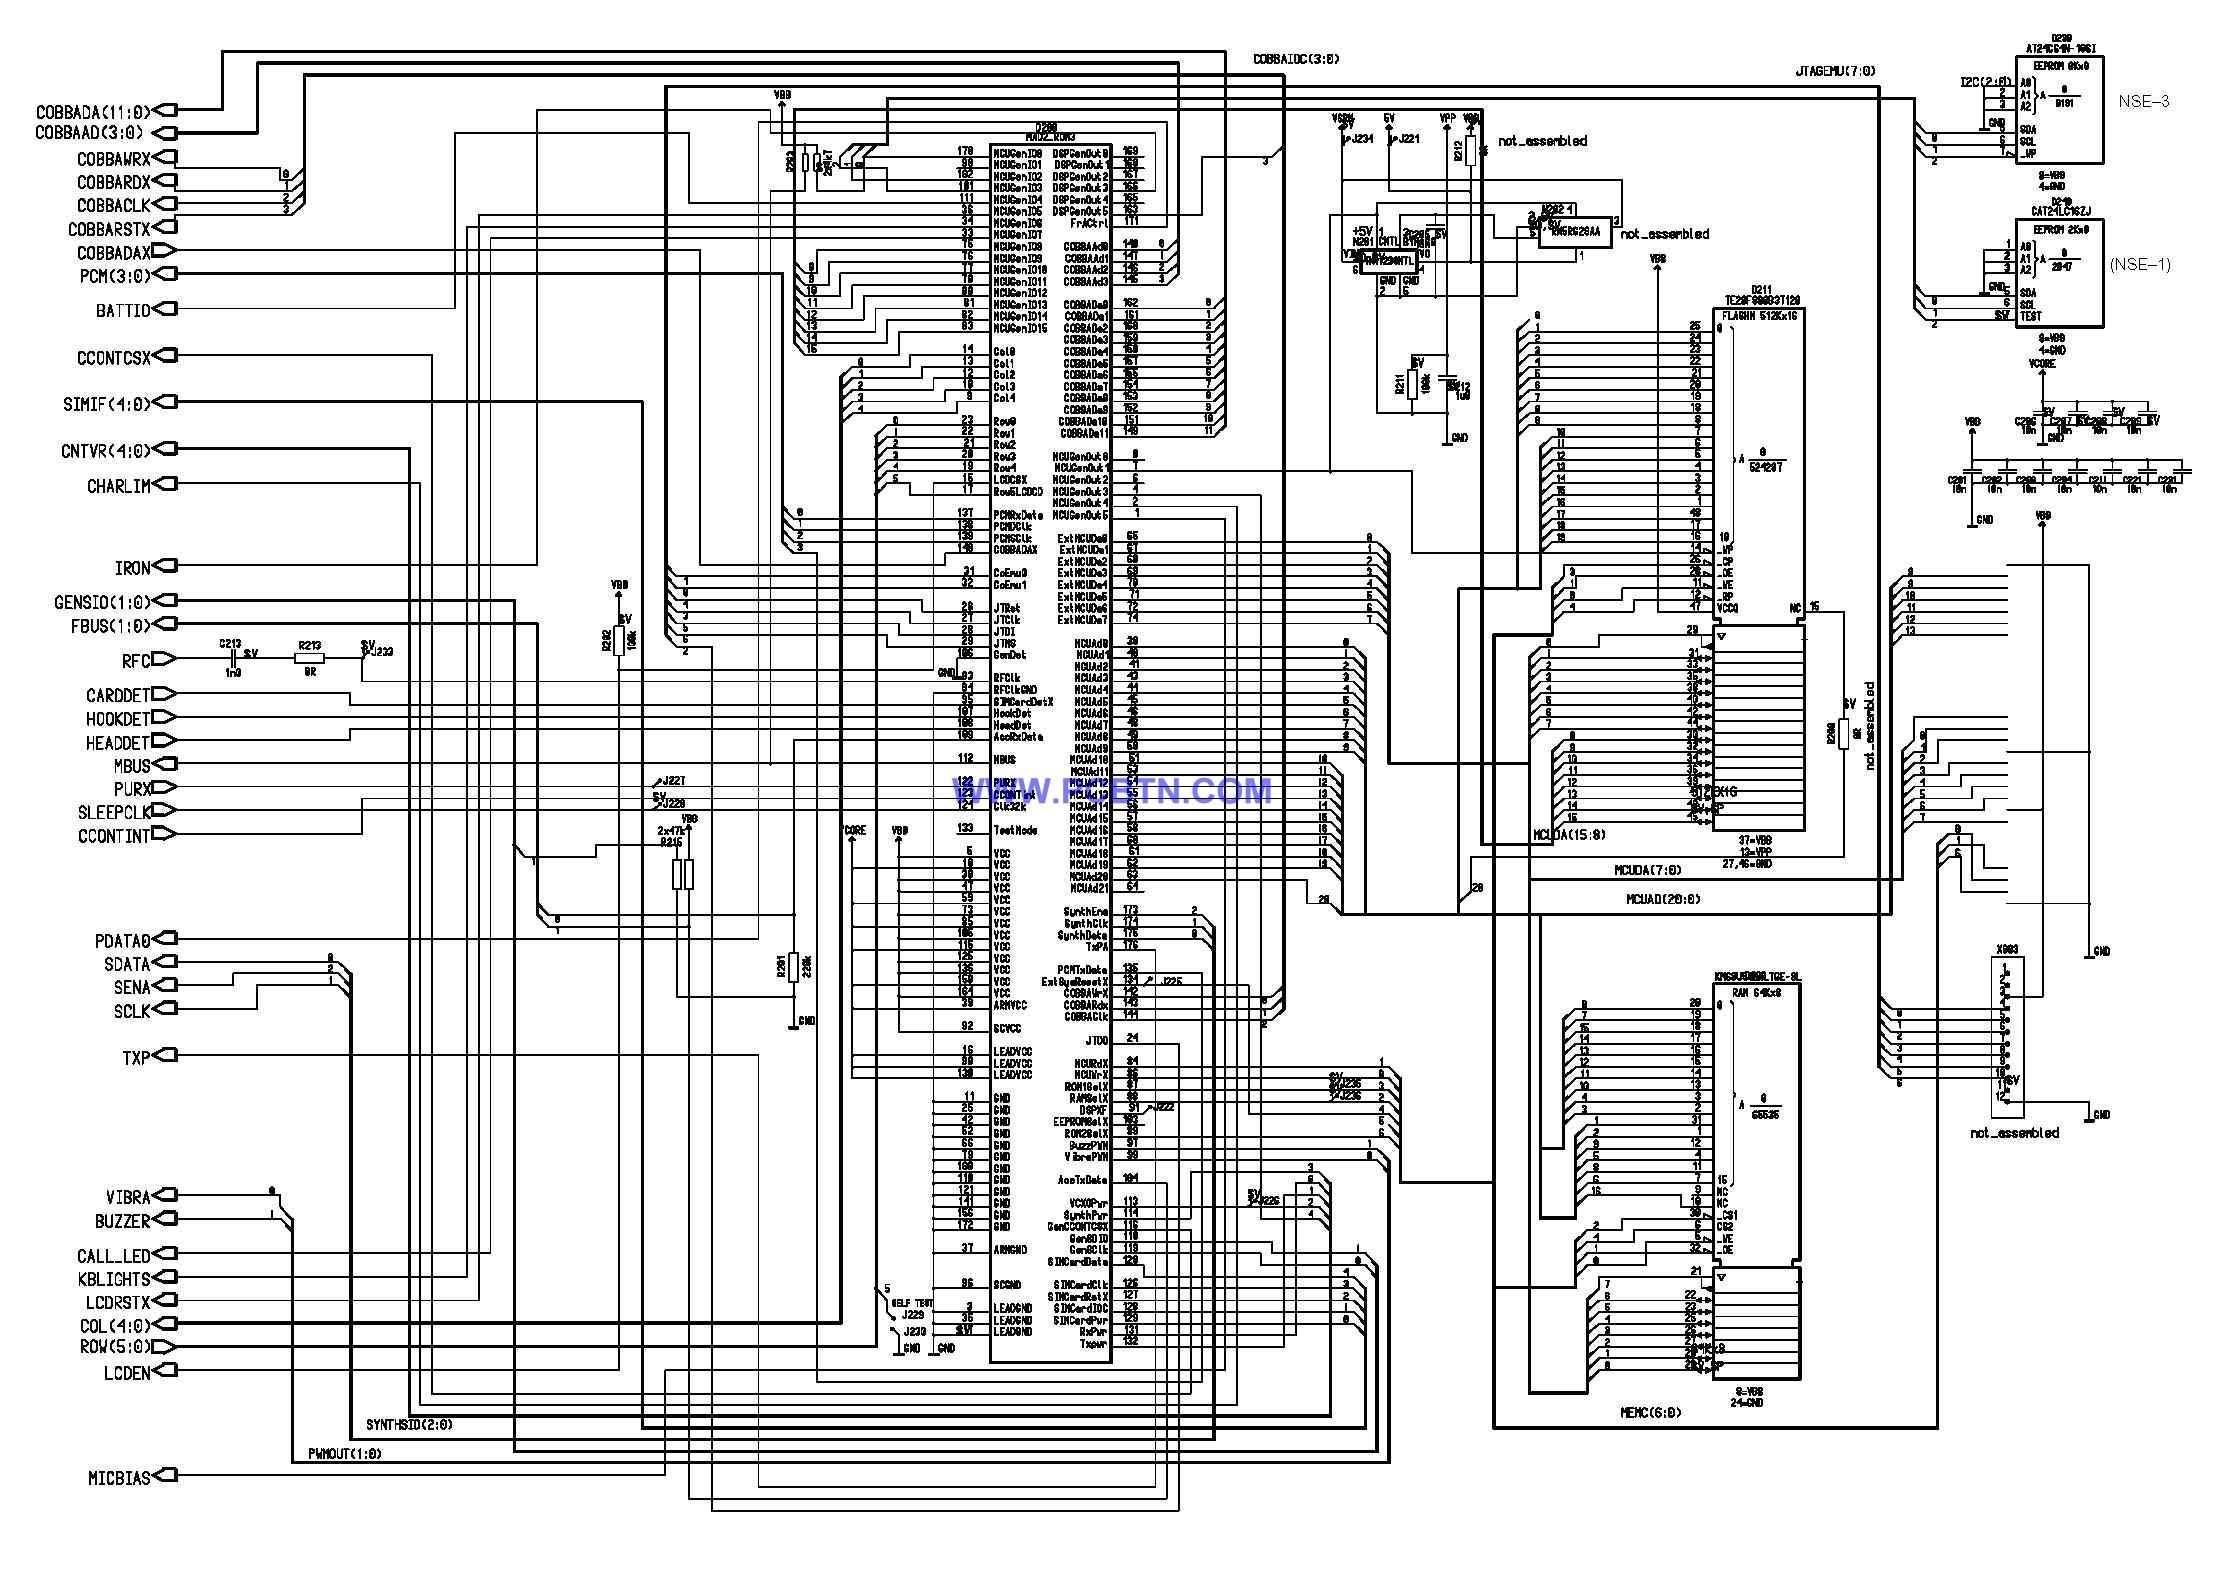 诺基亚6110电路图设计[_]05